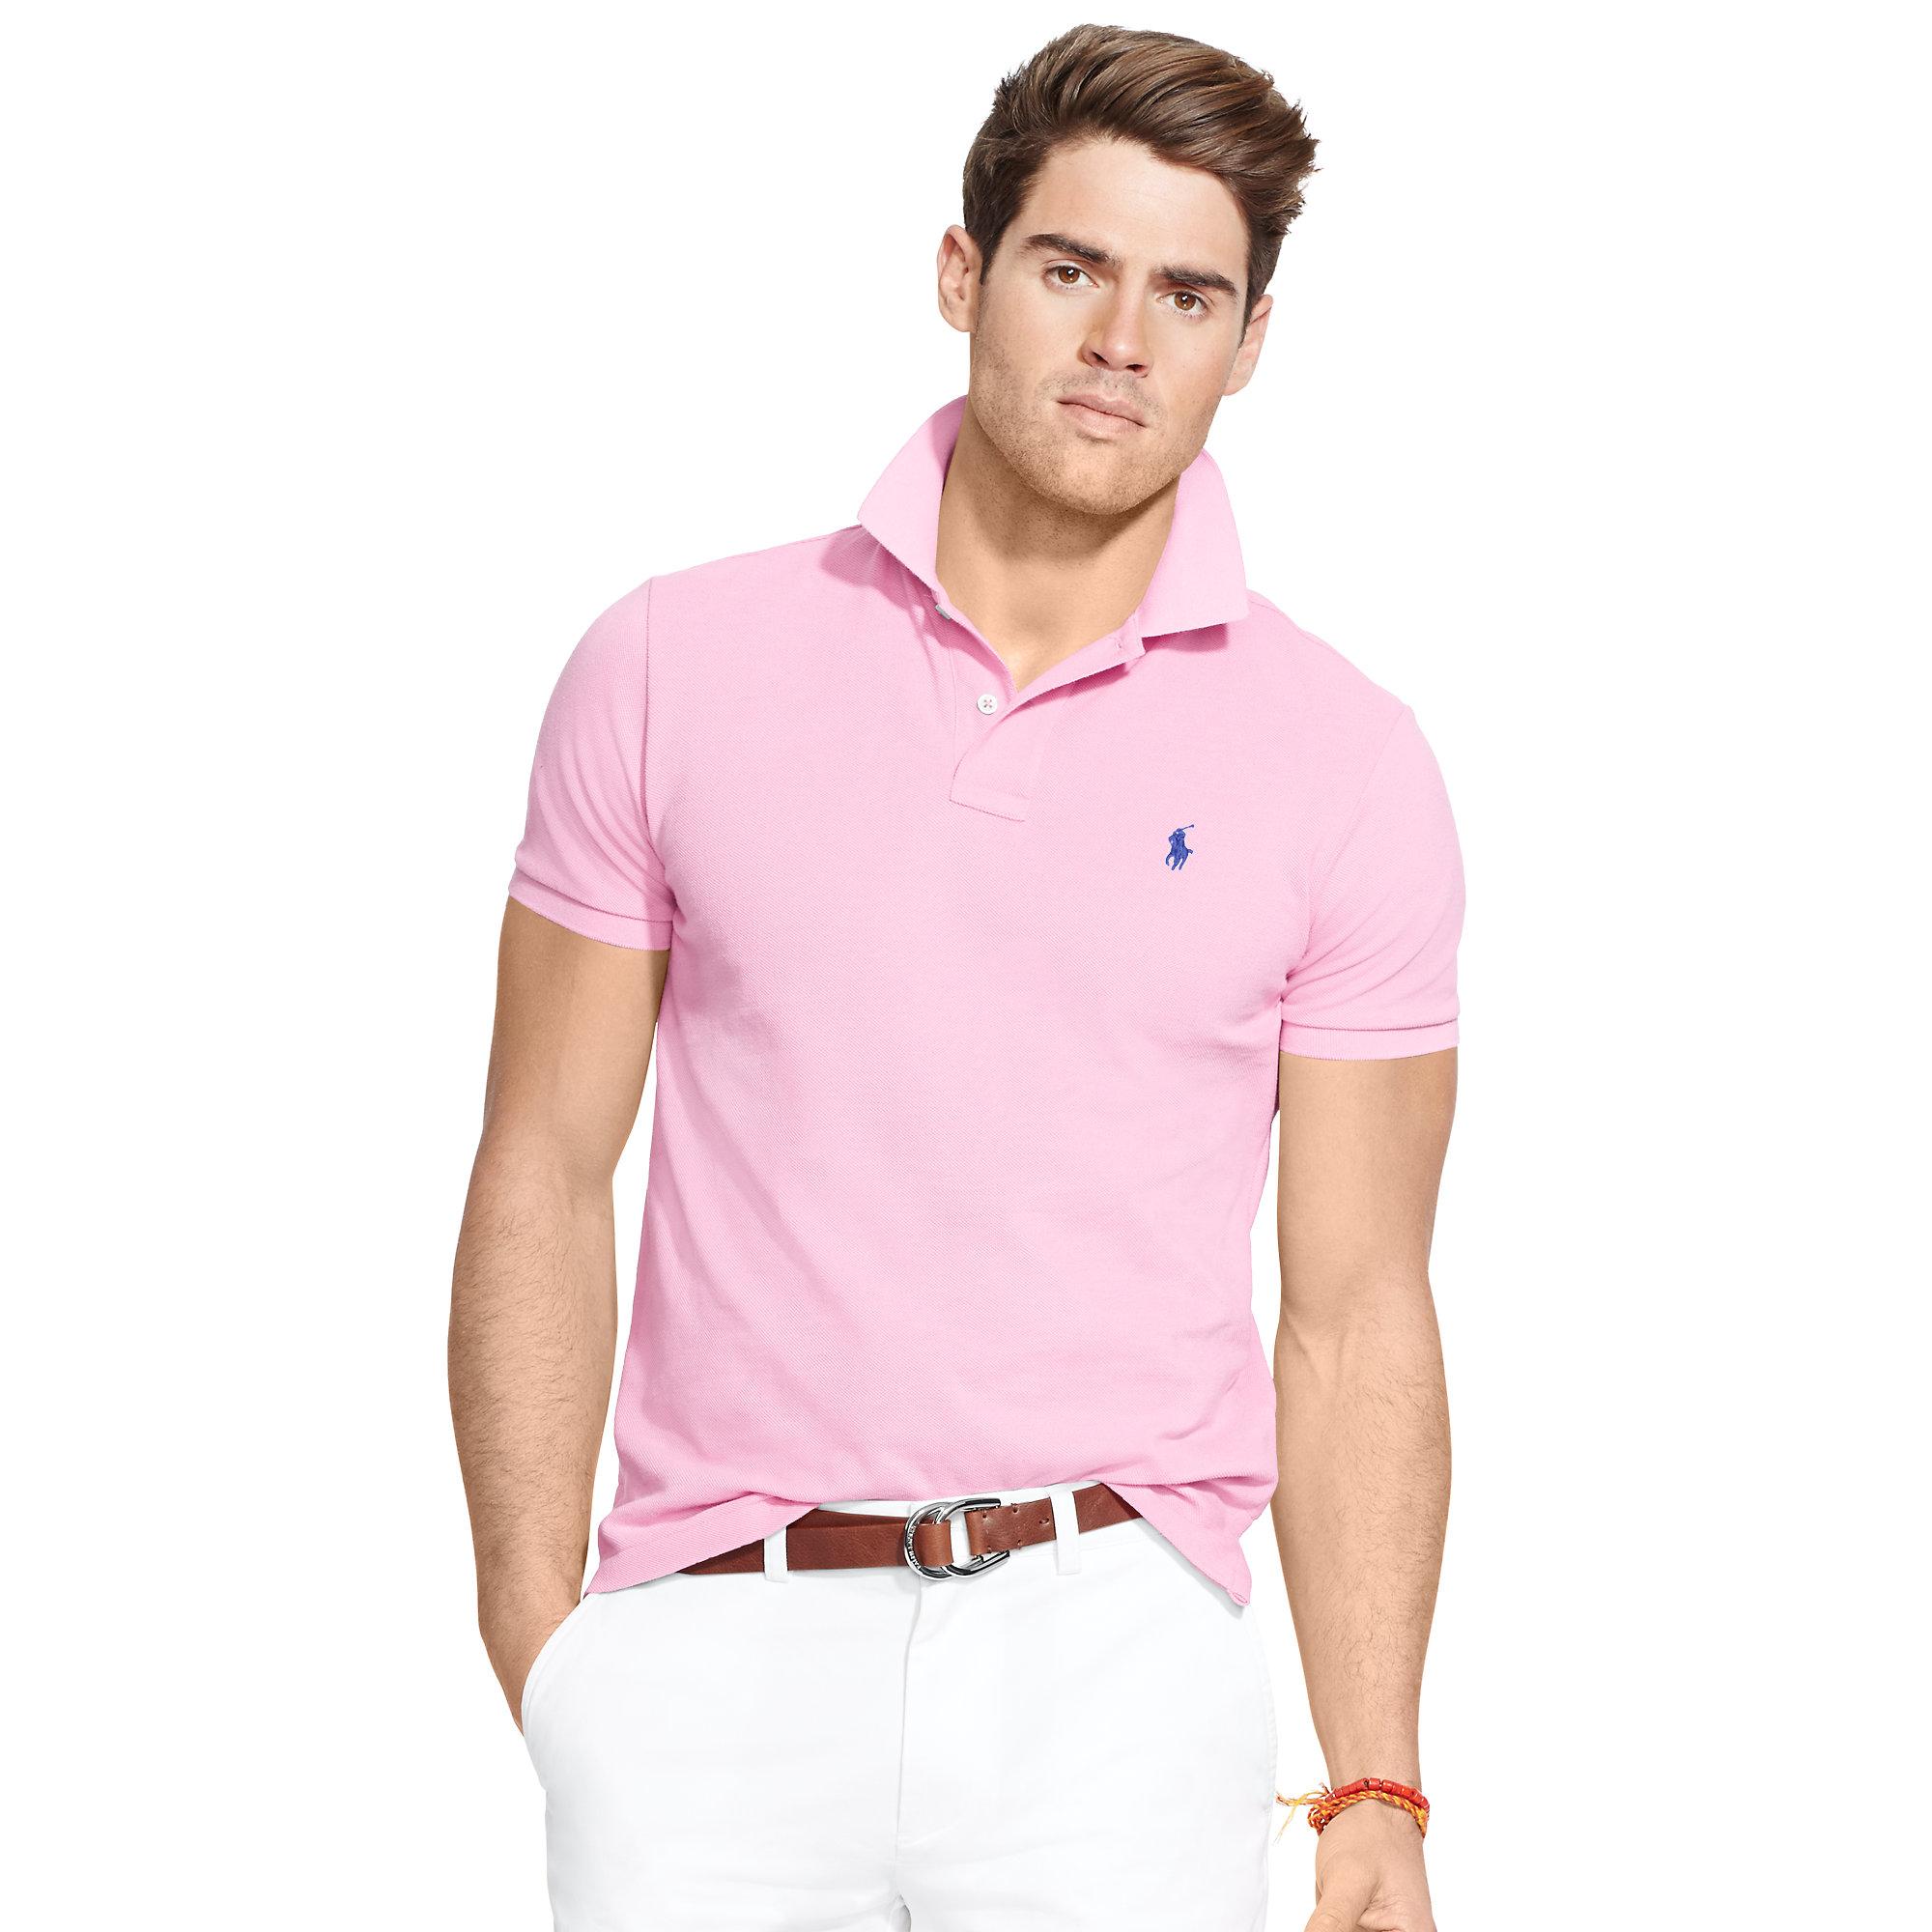 Hot Pink Mens Polo Shirt Joe Maloy